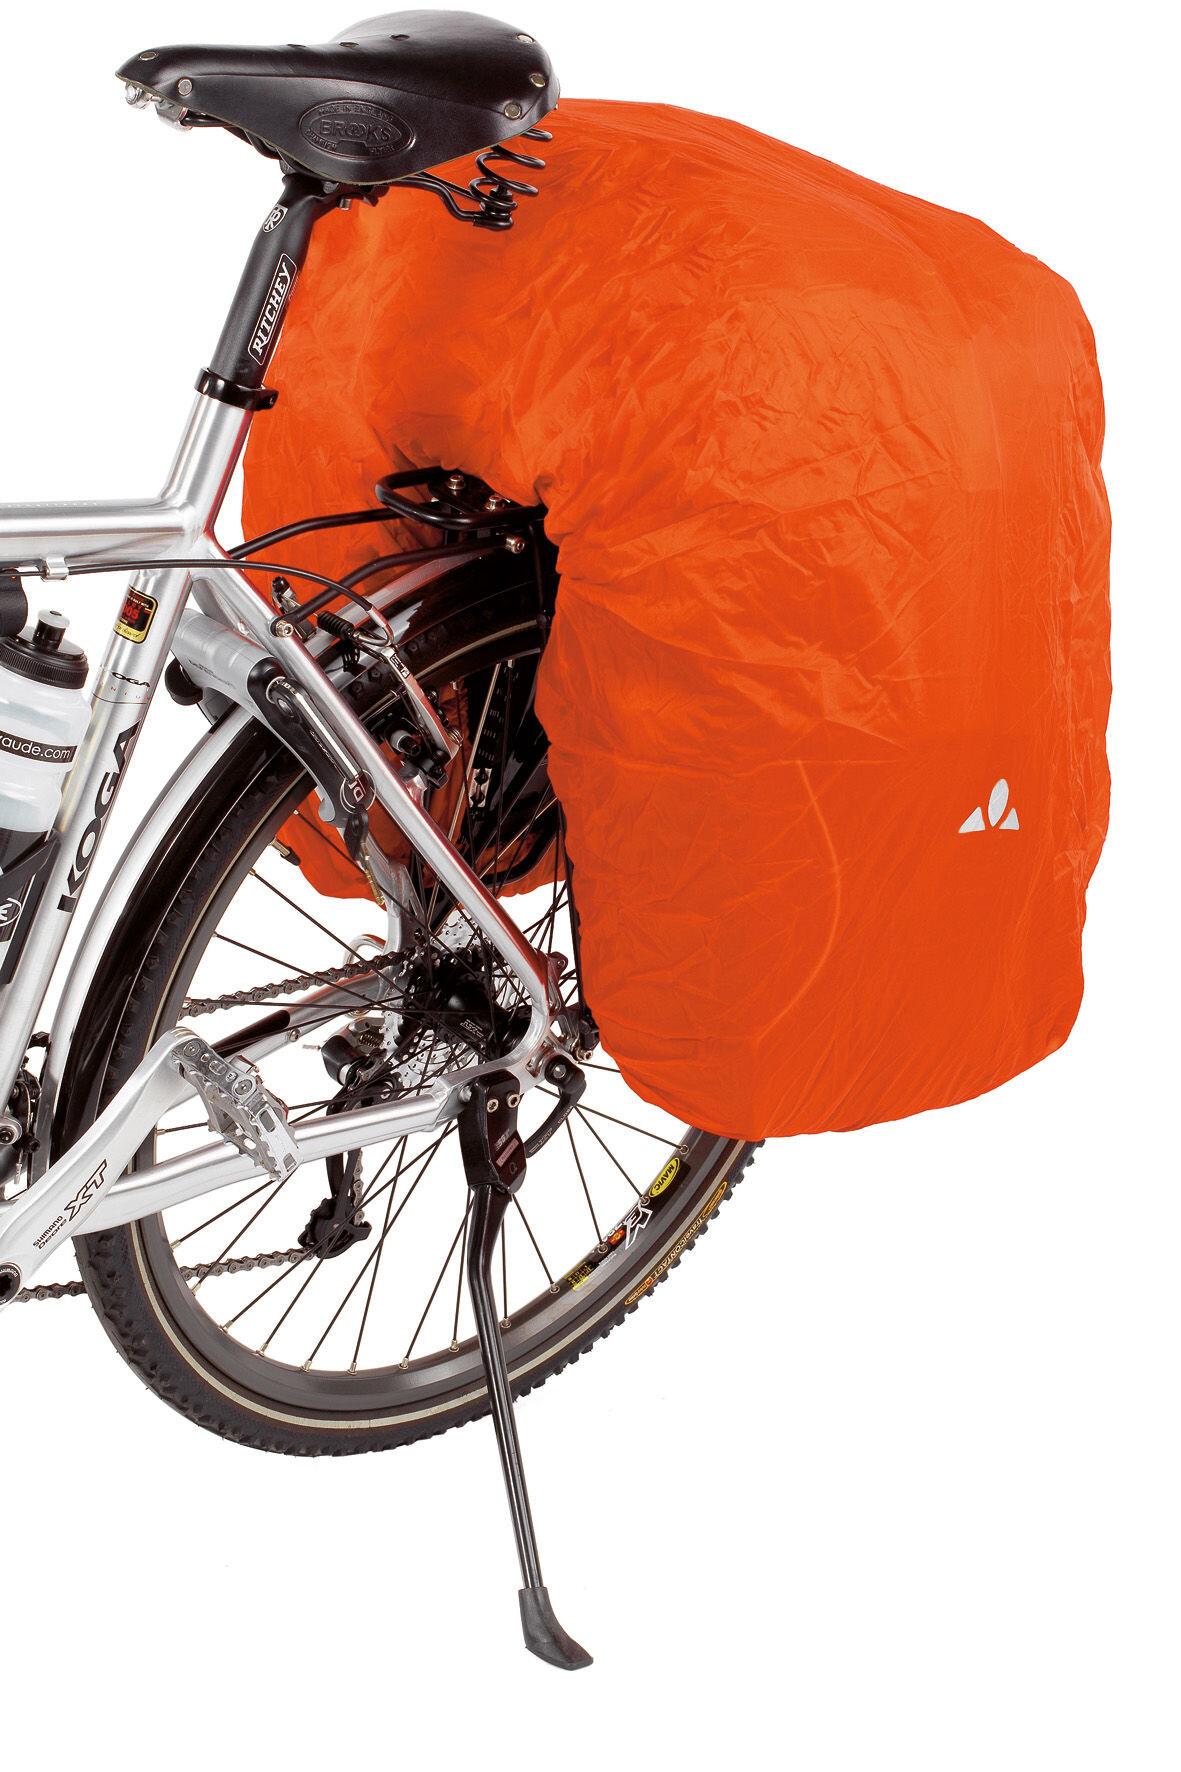 VAUDE 3-Fold Regnbetræk, orange (2019)   Tasker > Tilbehør